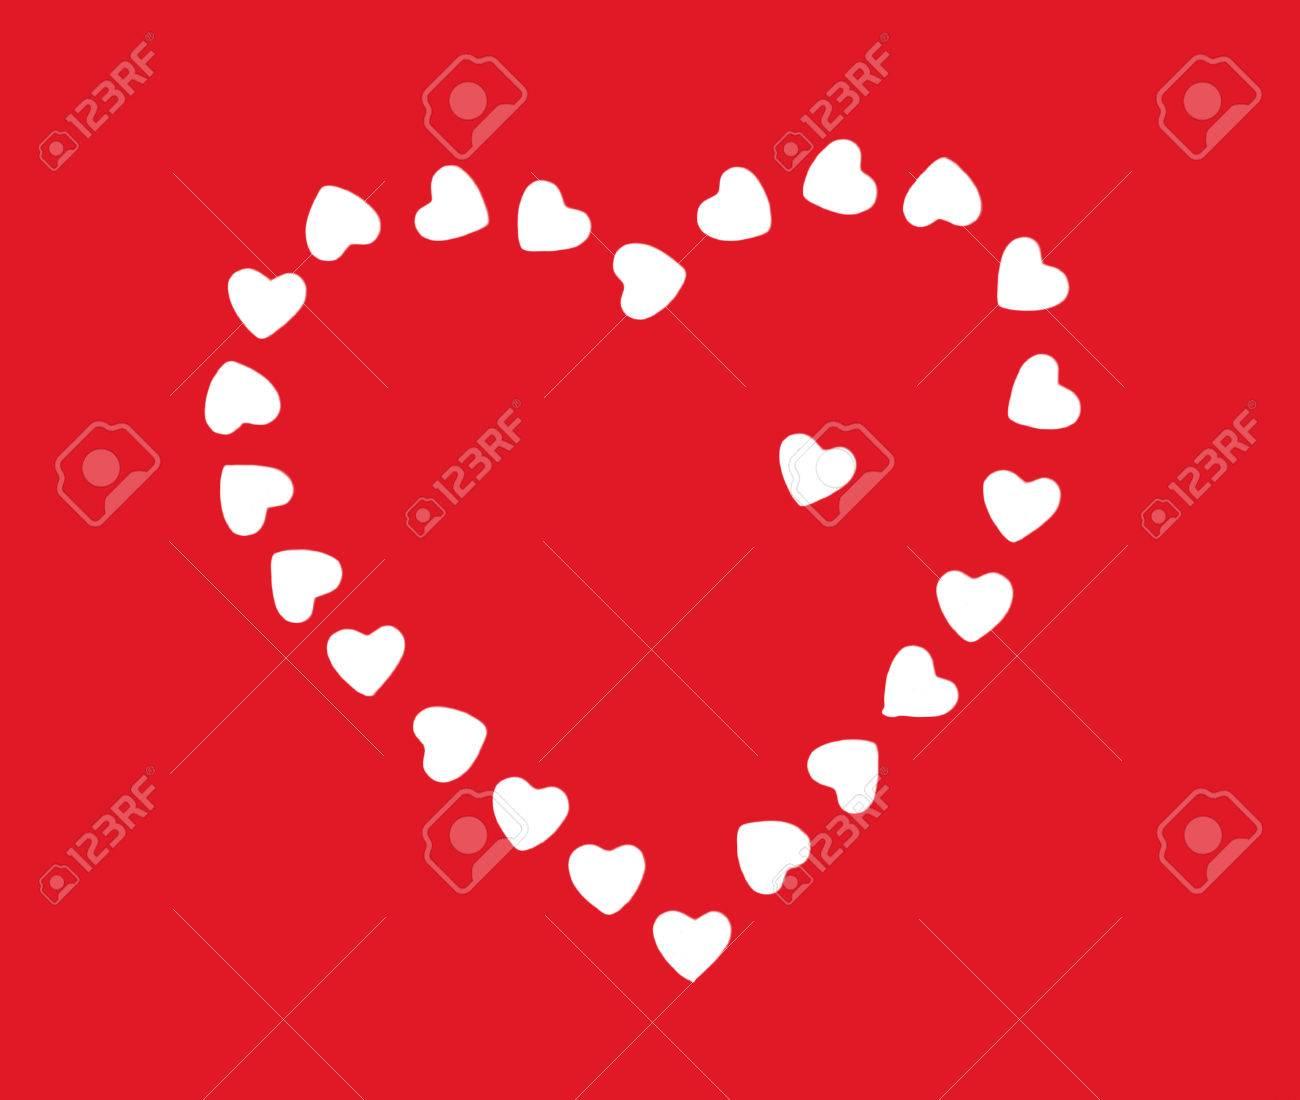 Valentinstag Herz Aus Kleinen Weissen Herzen Auf Dem Roten